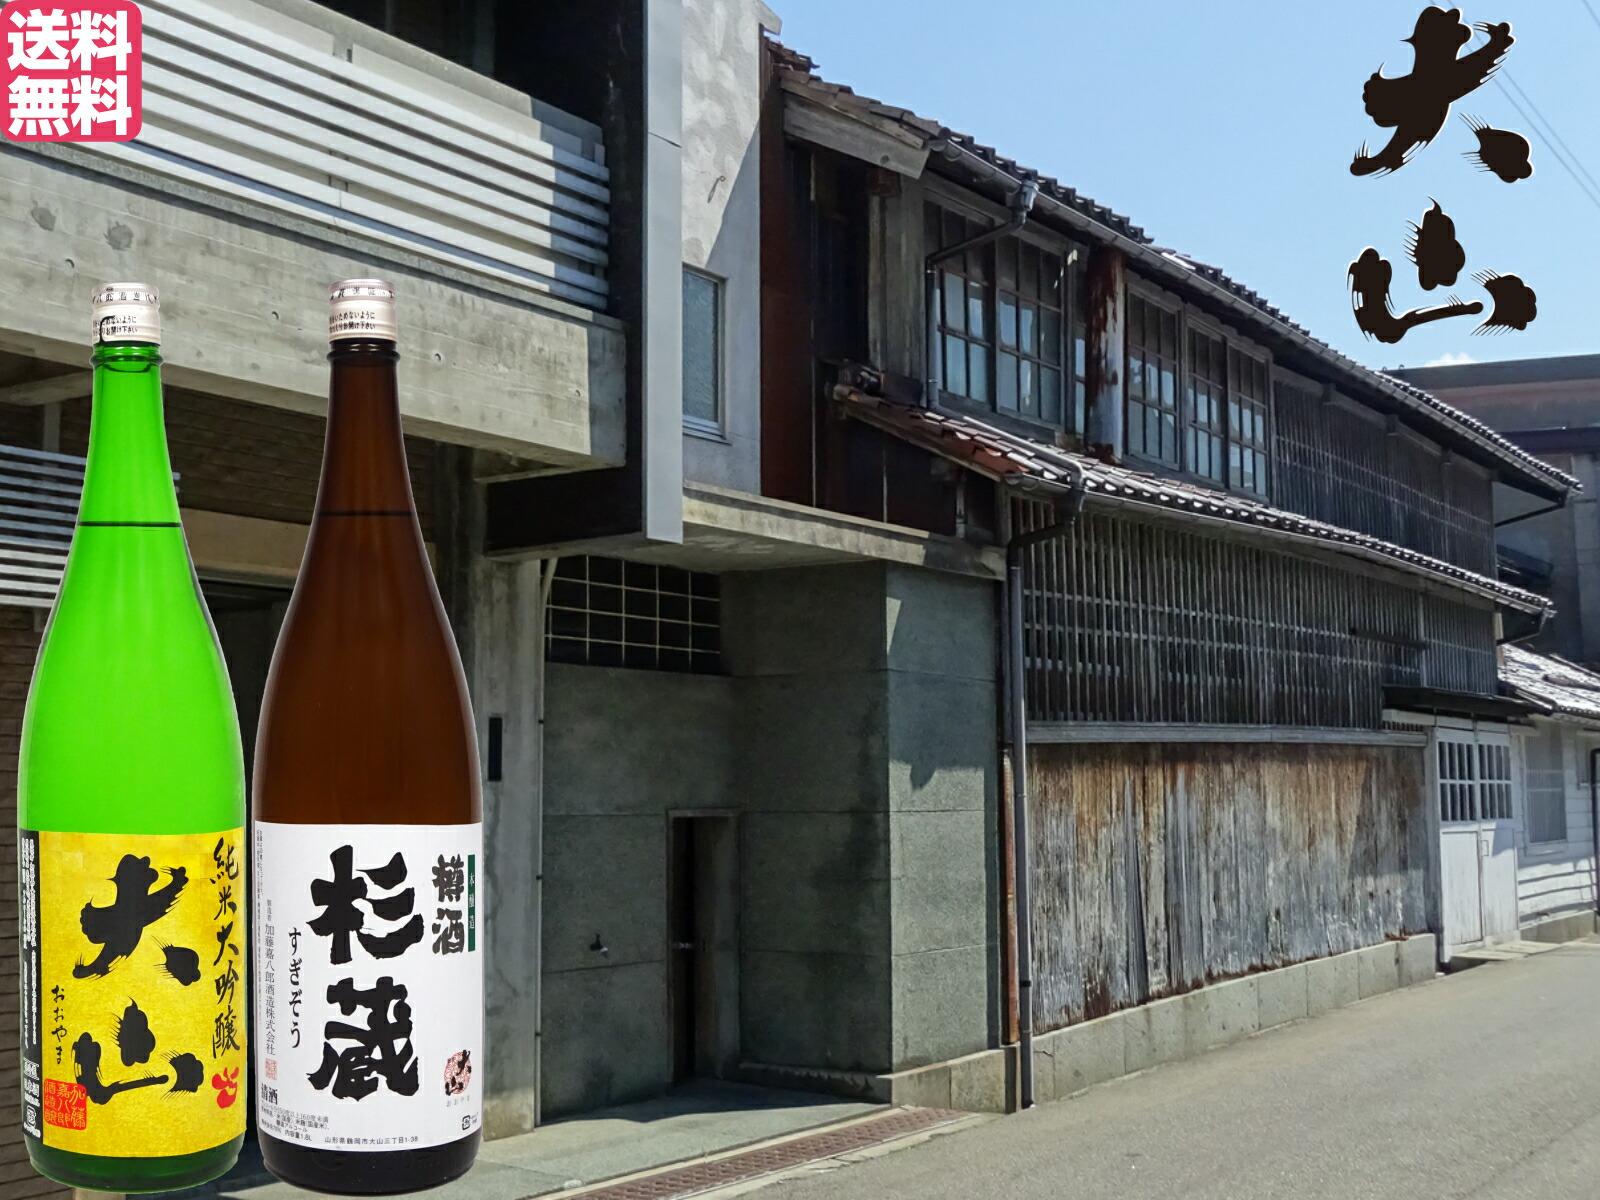 遂に登場 天狗酒場の日本酒 山形県産の大山がご家庭でも呑めるようになりました